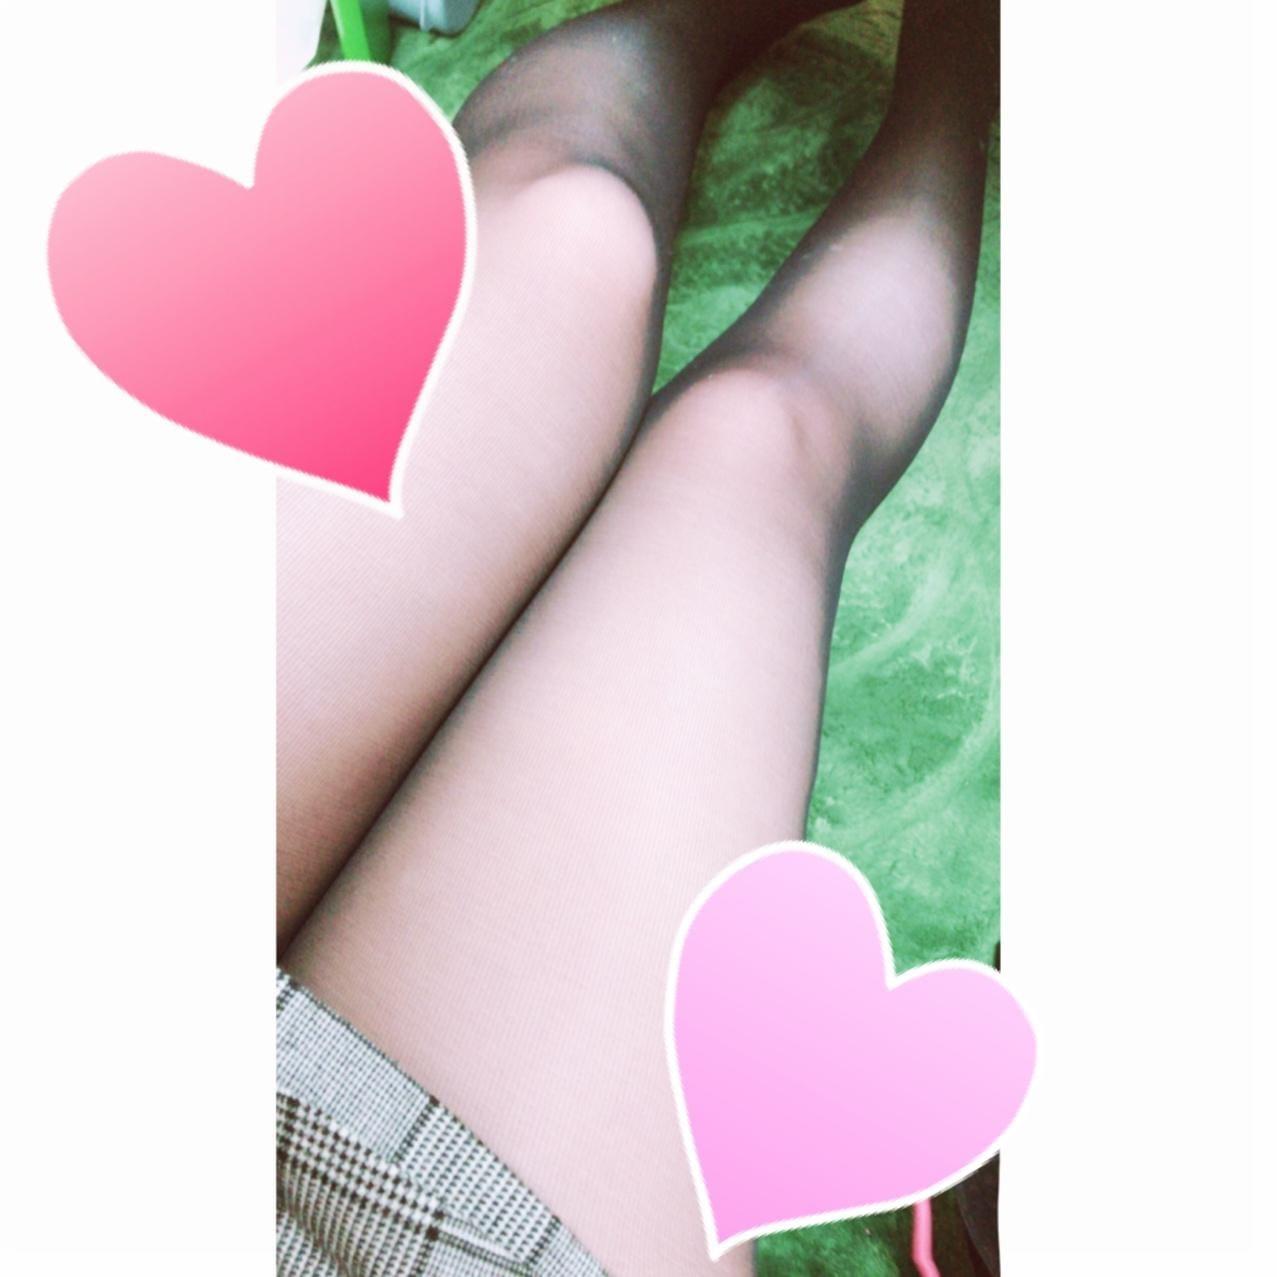 「*出勤とお礼♡」12/03(12/03) 19:21   なつきの写メ・風俗動画